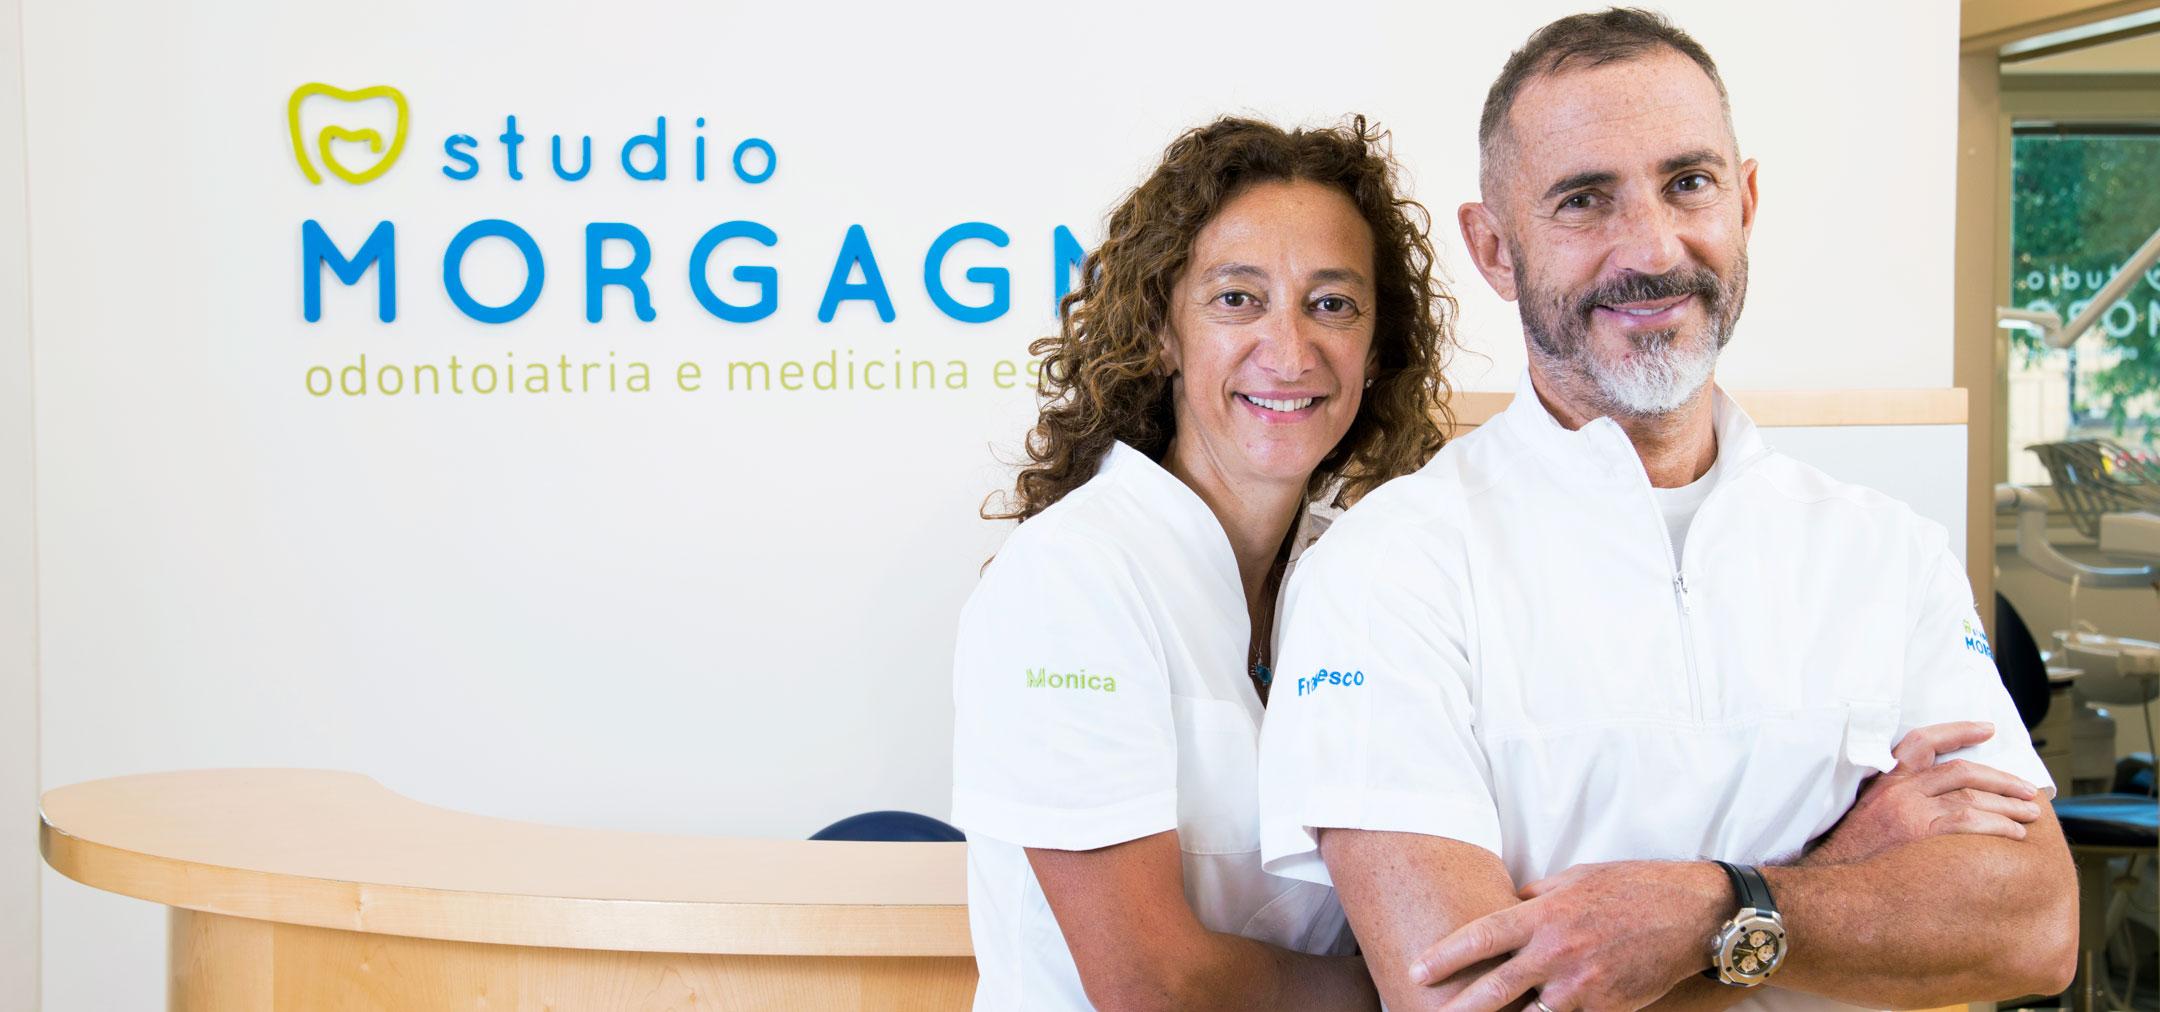 Morgagni1_studio_01